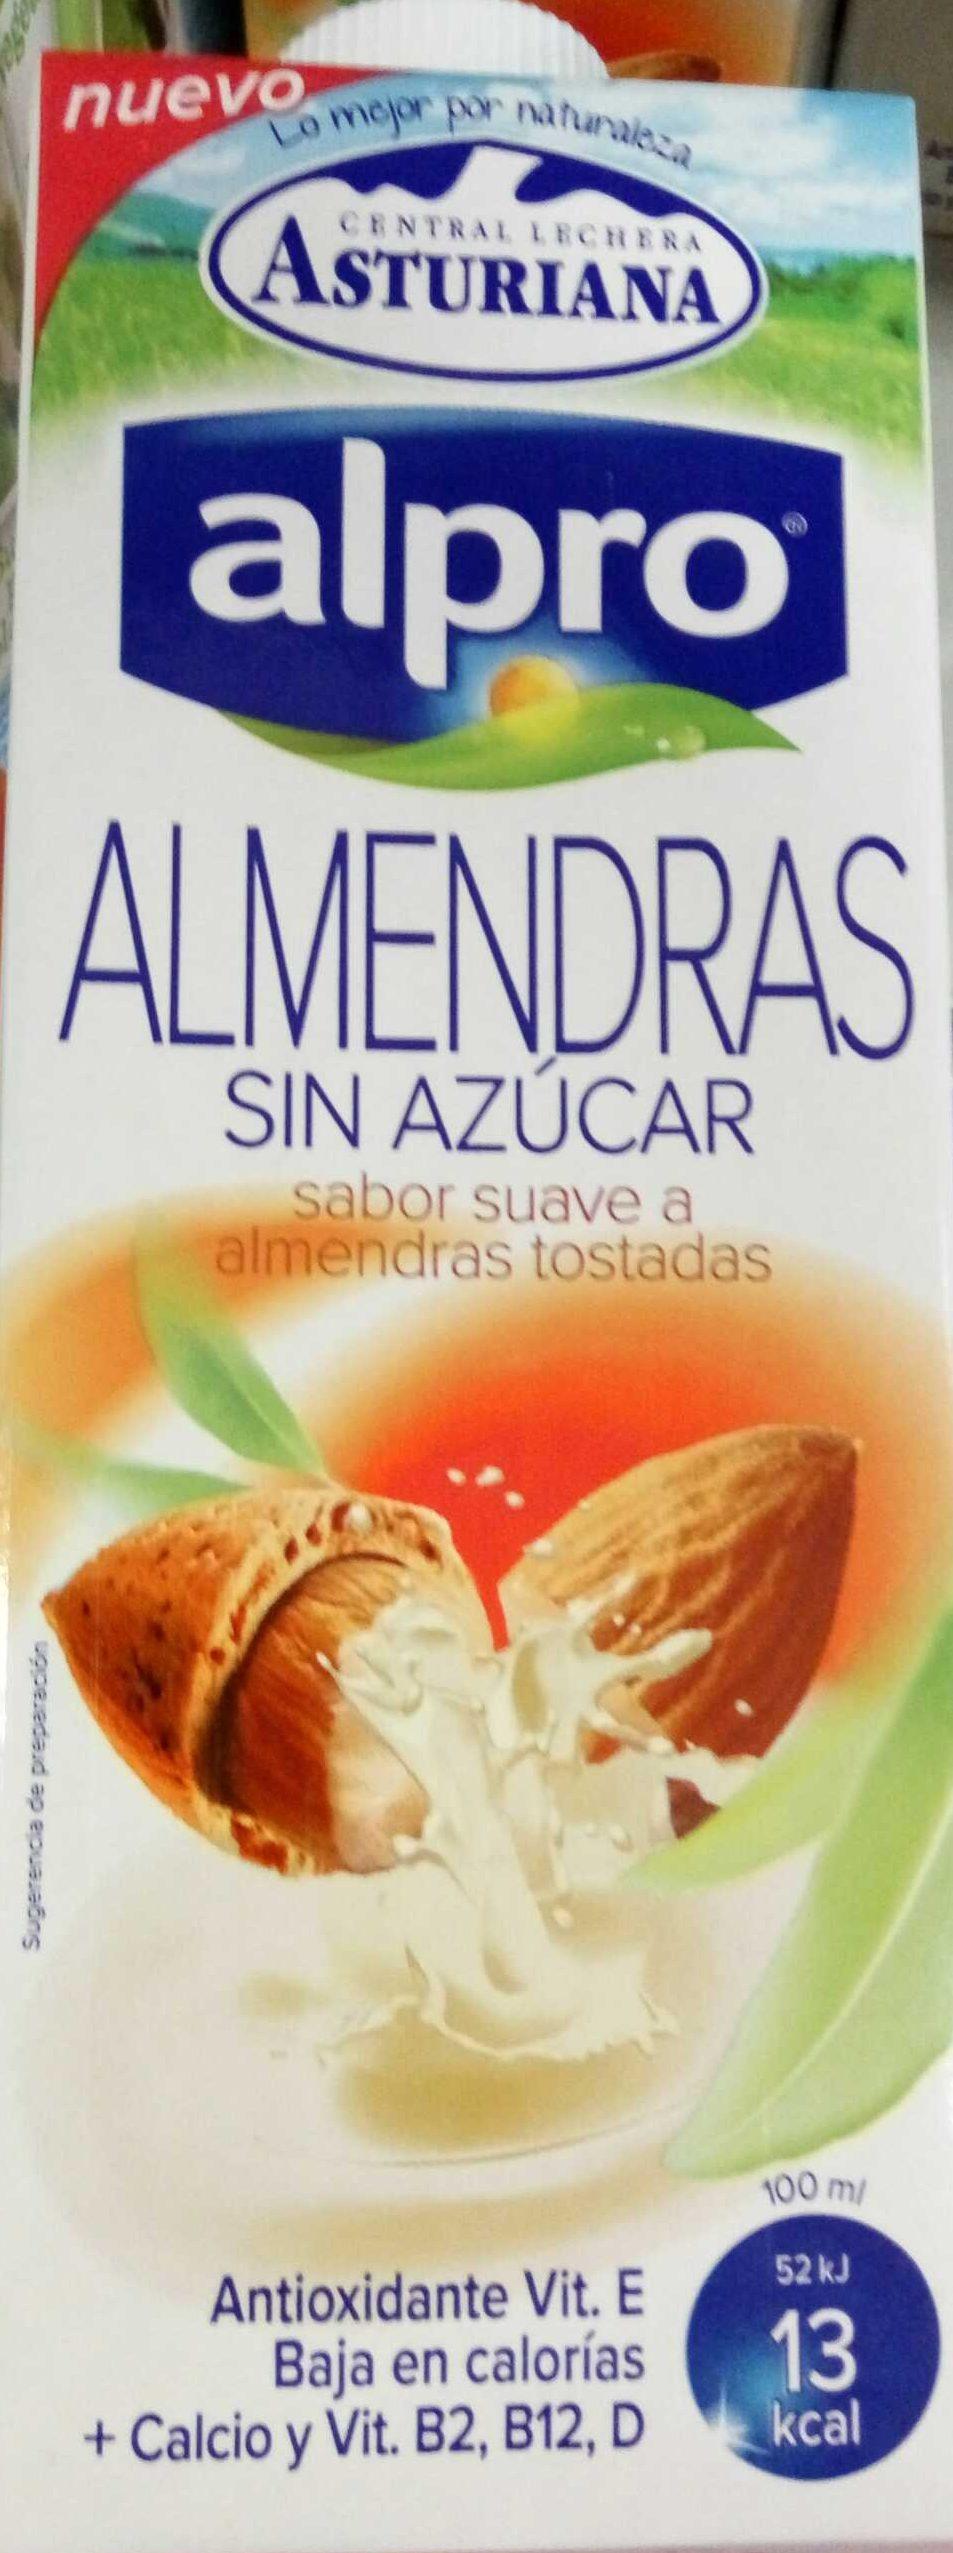 Bebida de almendras sin azúcar con antioxidante - Producto